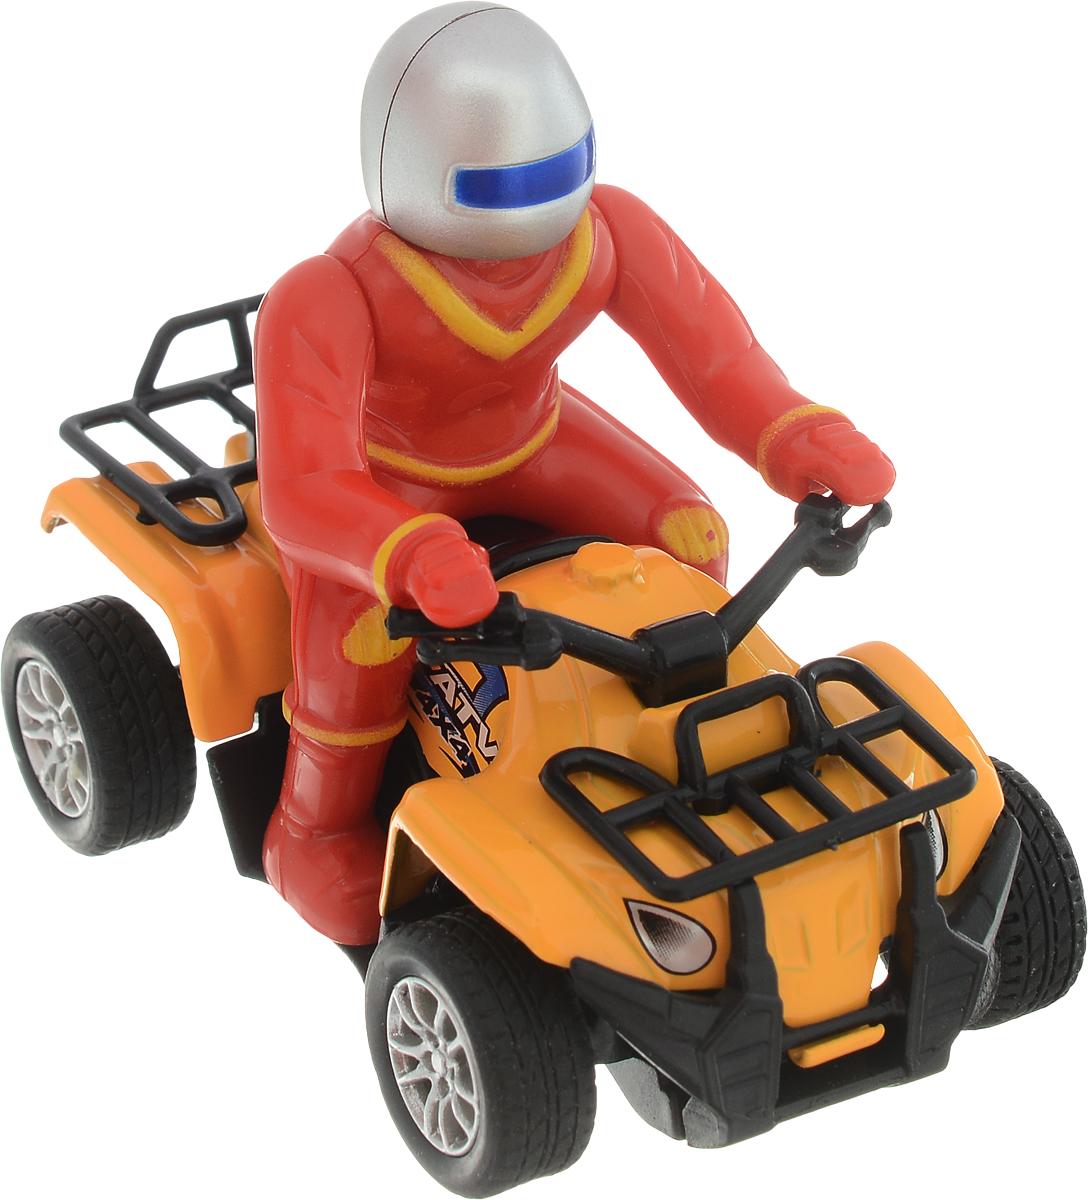 ТехноПарк Квадроцикл с фигуркой цвет красный оранжевый